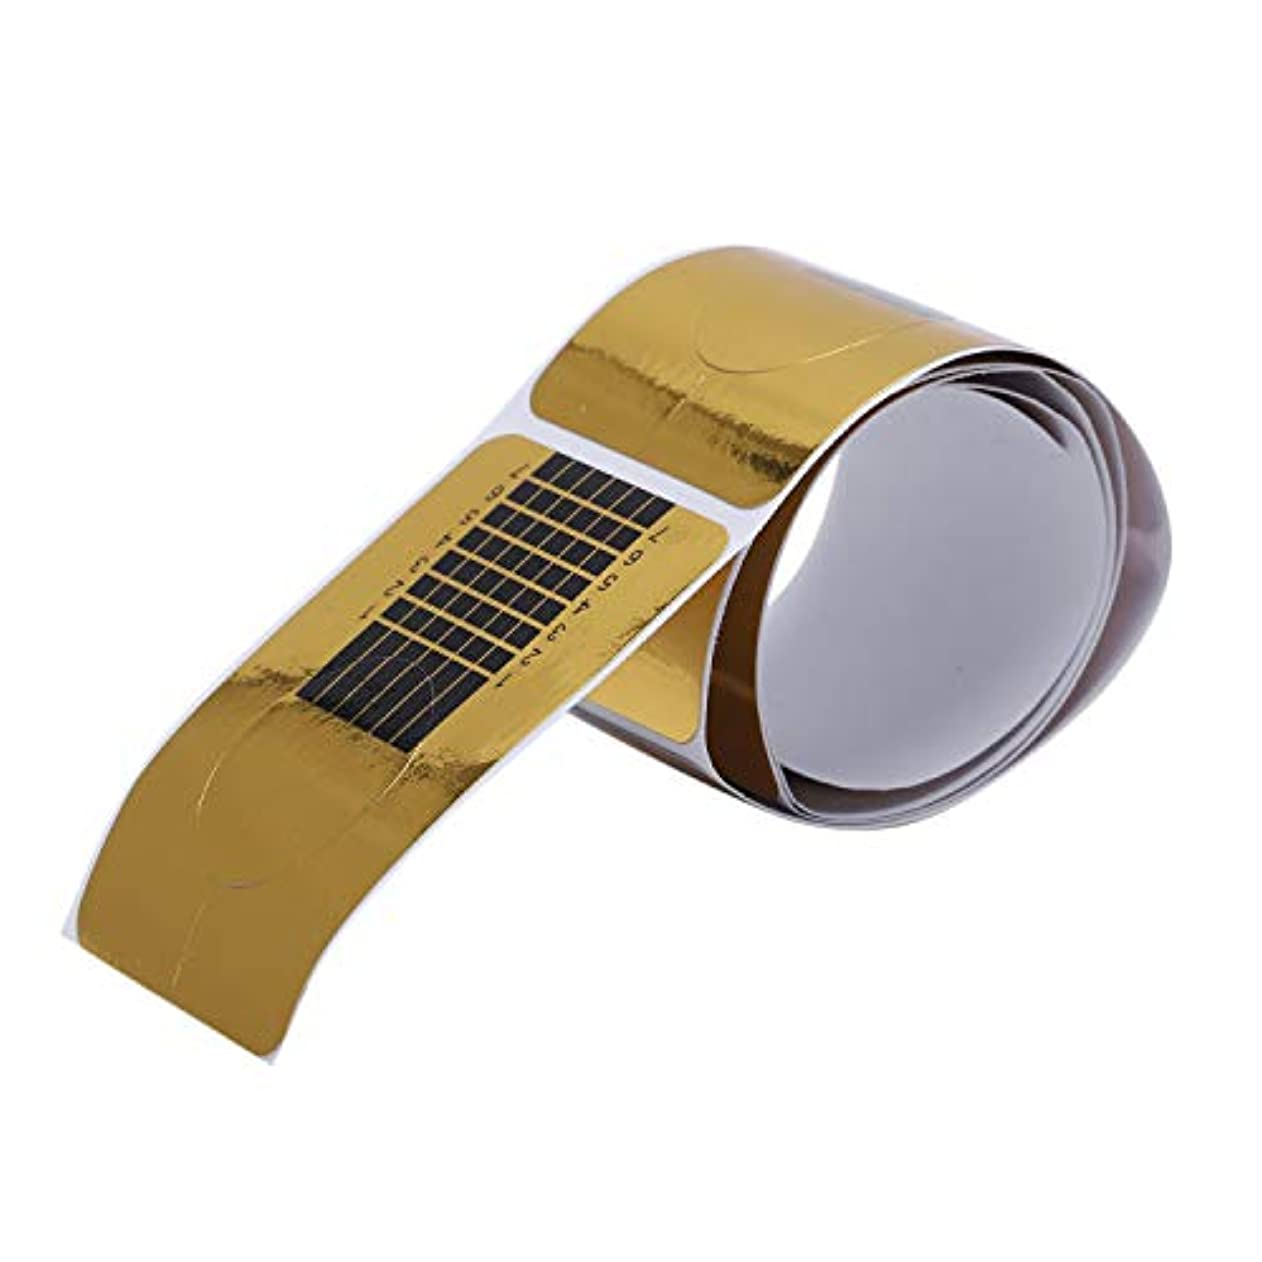 スポーツマン収入カプセルNrpfell 100x ゴールデンのネイルのカバー、DIYツール